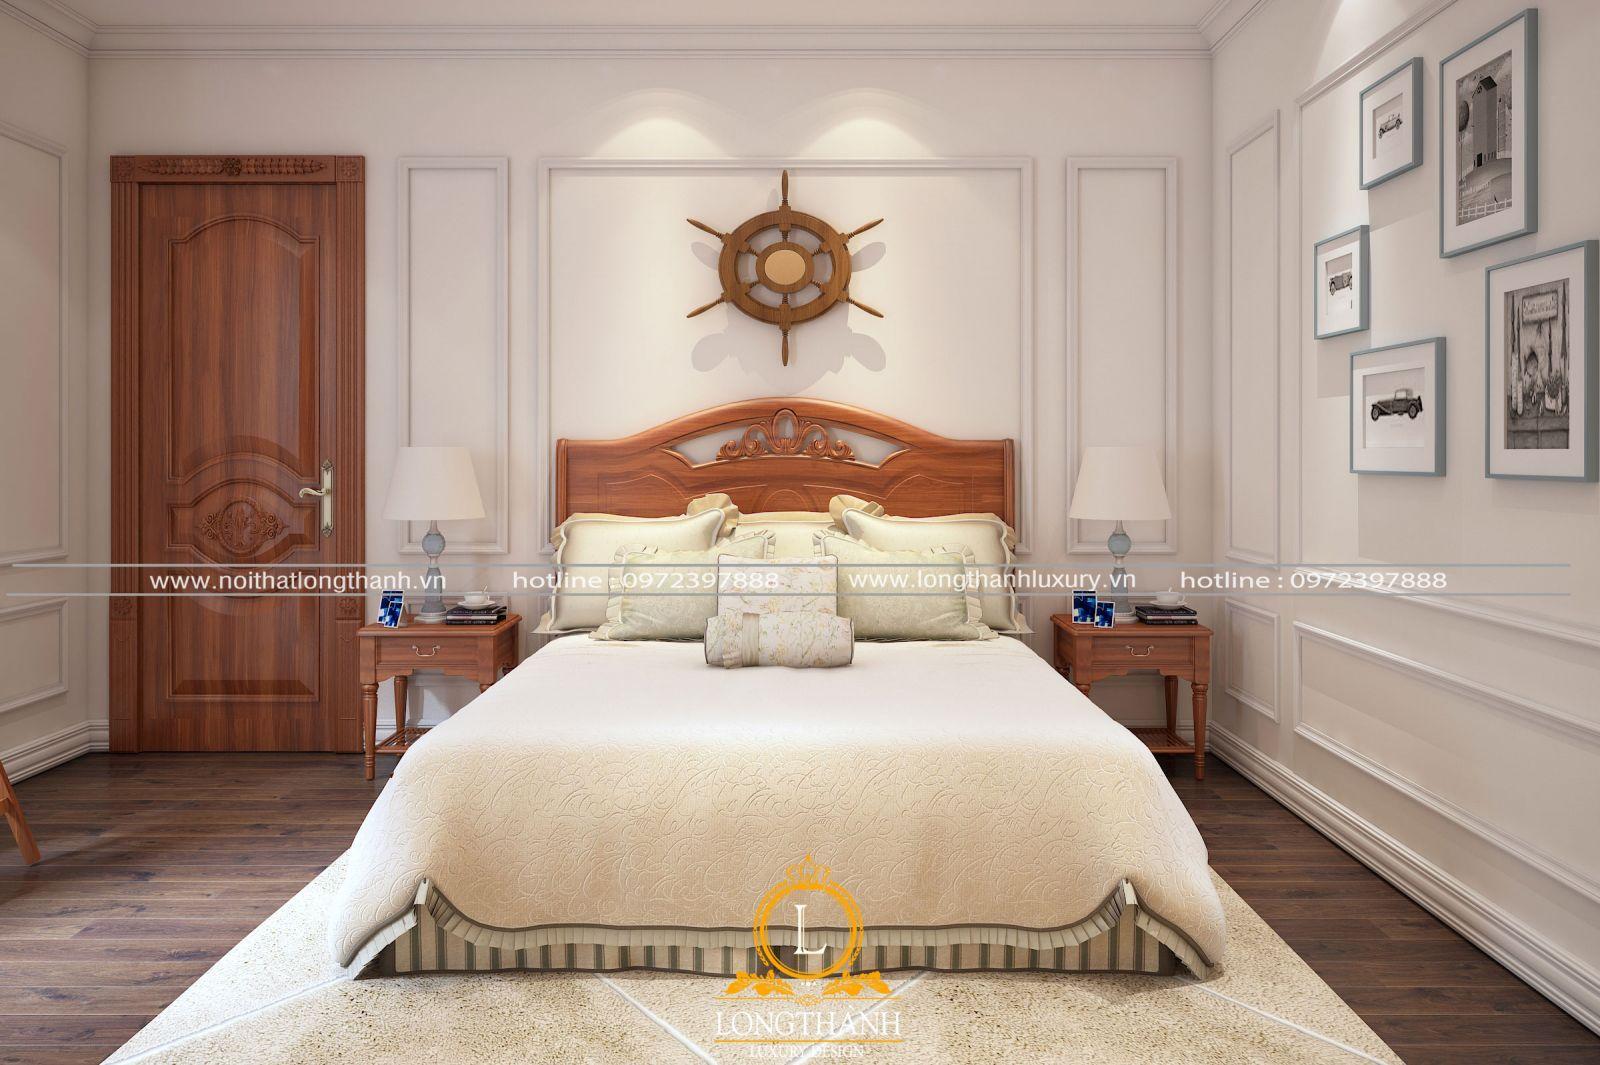 Phòng ngủ đơn giản với cửa tân cổ điển nhẹ nhàng